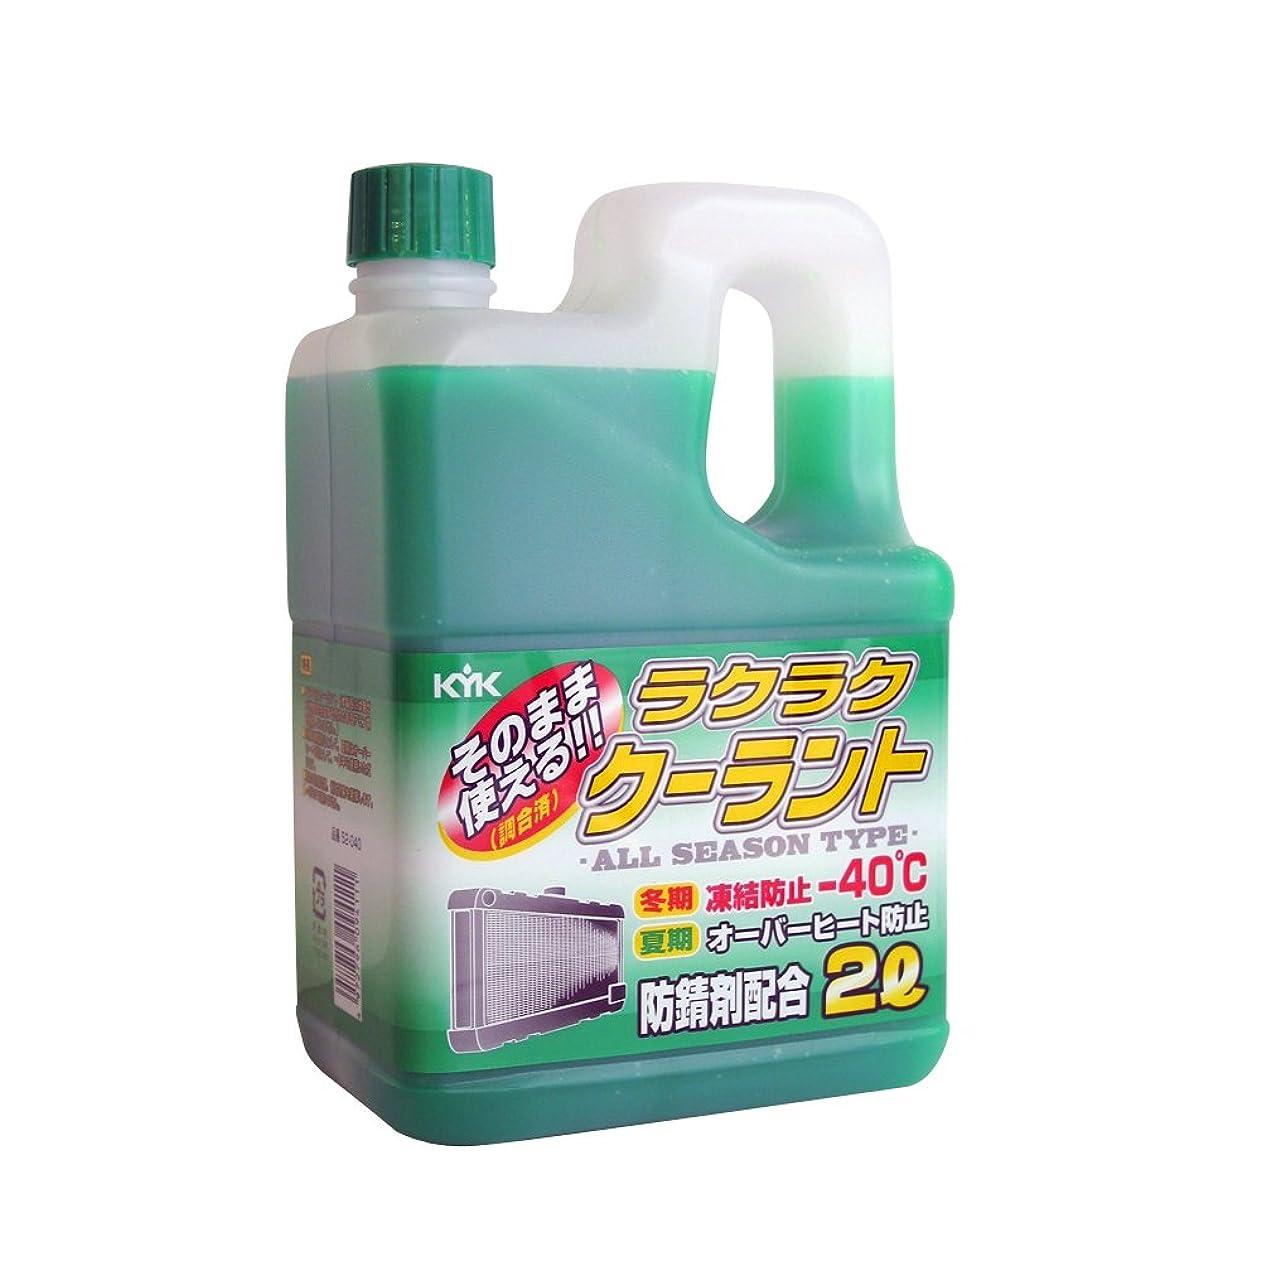 やさしく開業医技術者古河薬品工業(KYK) ラクラククーラント 2L 緑 52-040